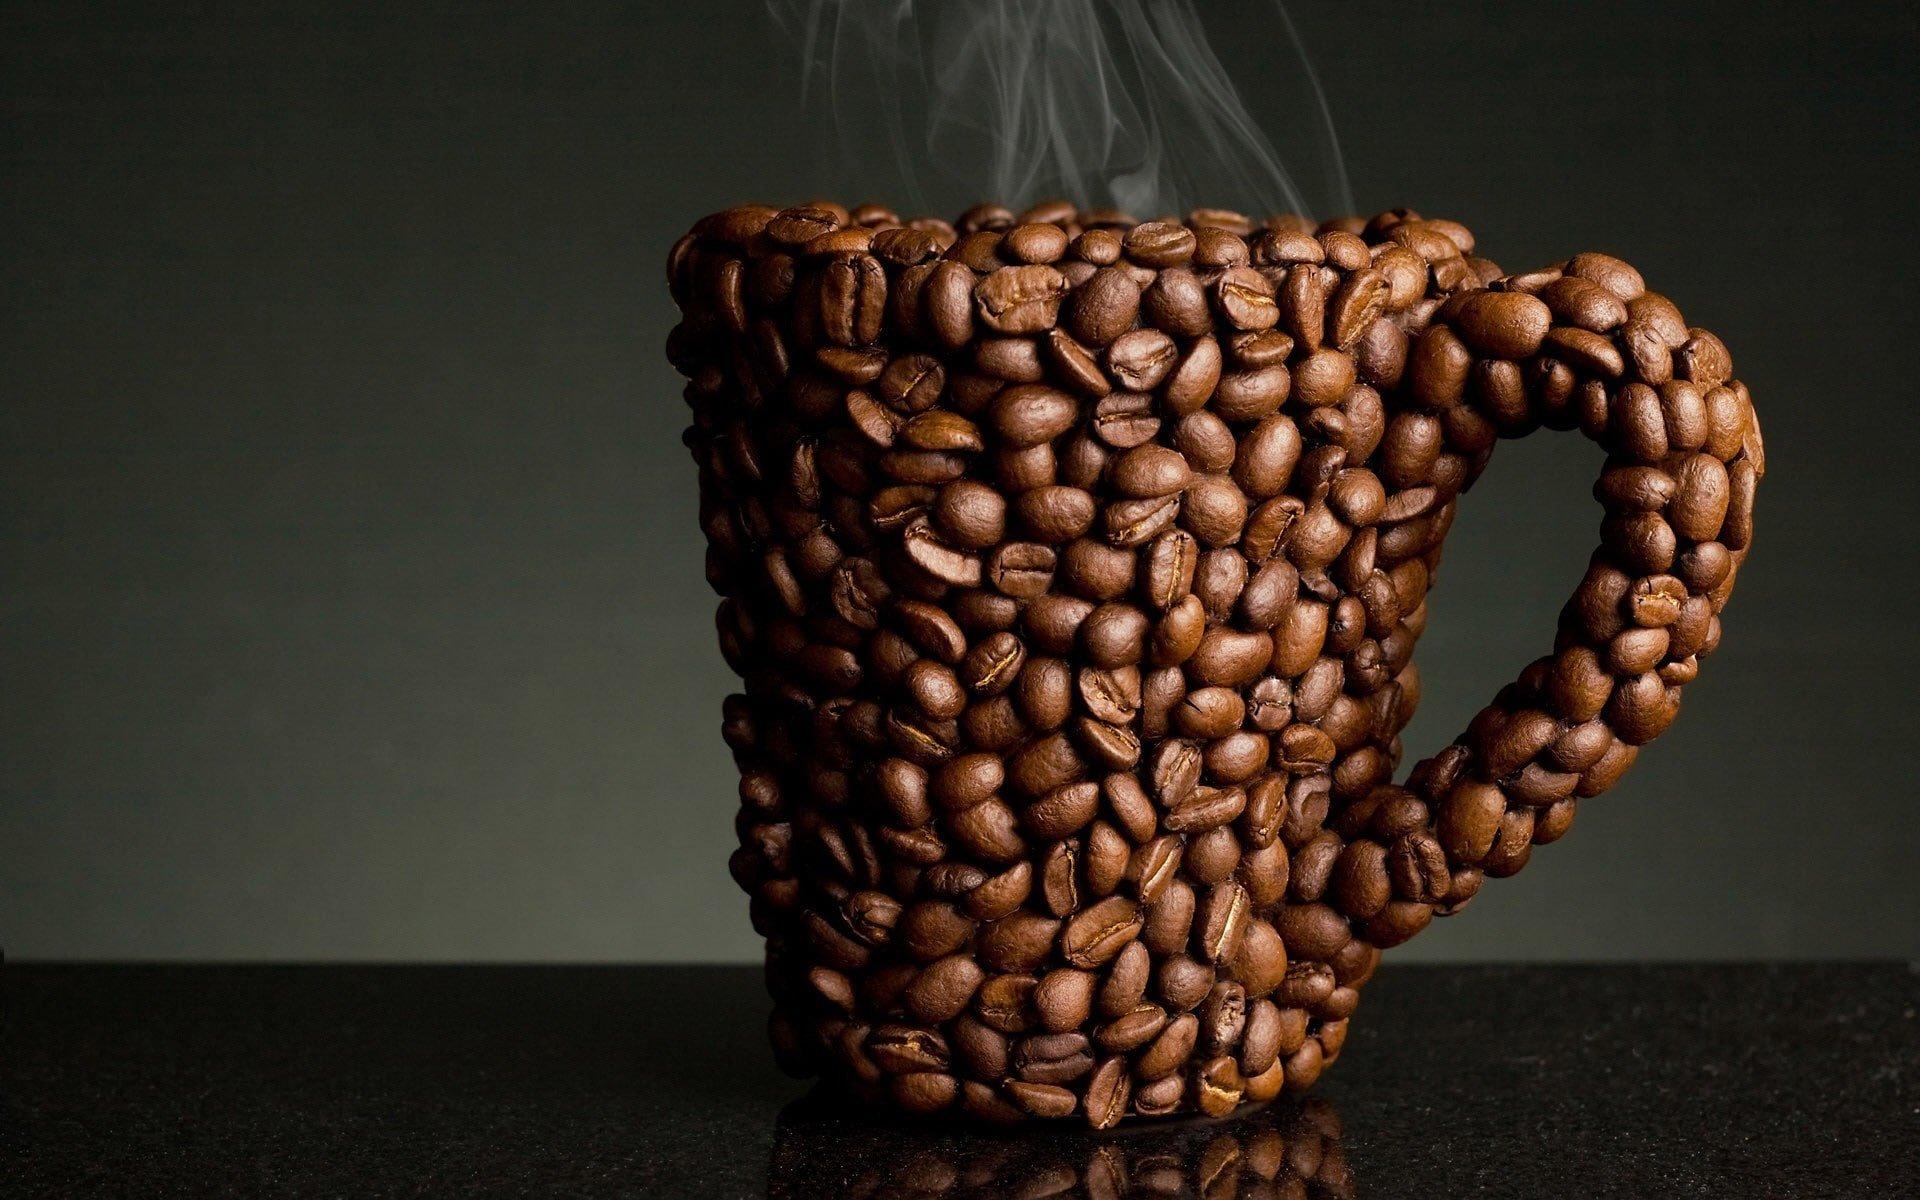 Immagine del caffè